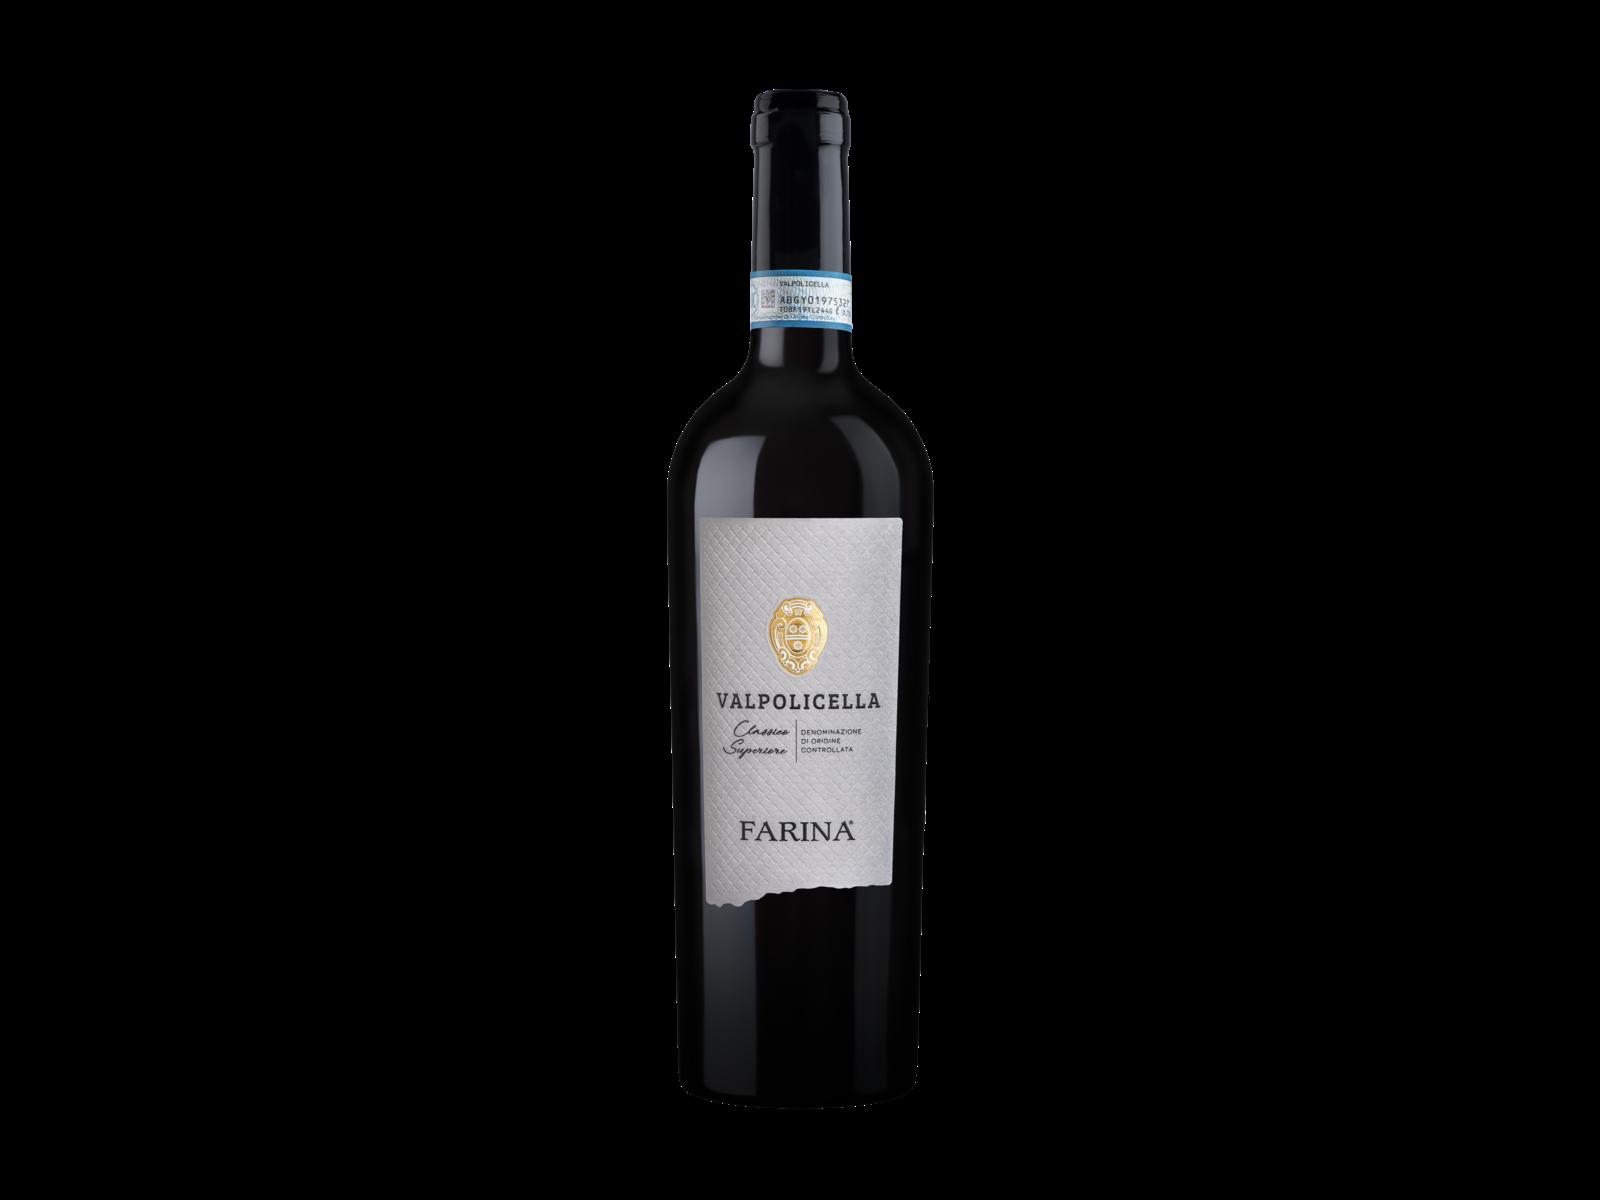 Farina Farina / Valpolicella Ripasso / Classico Superiore